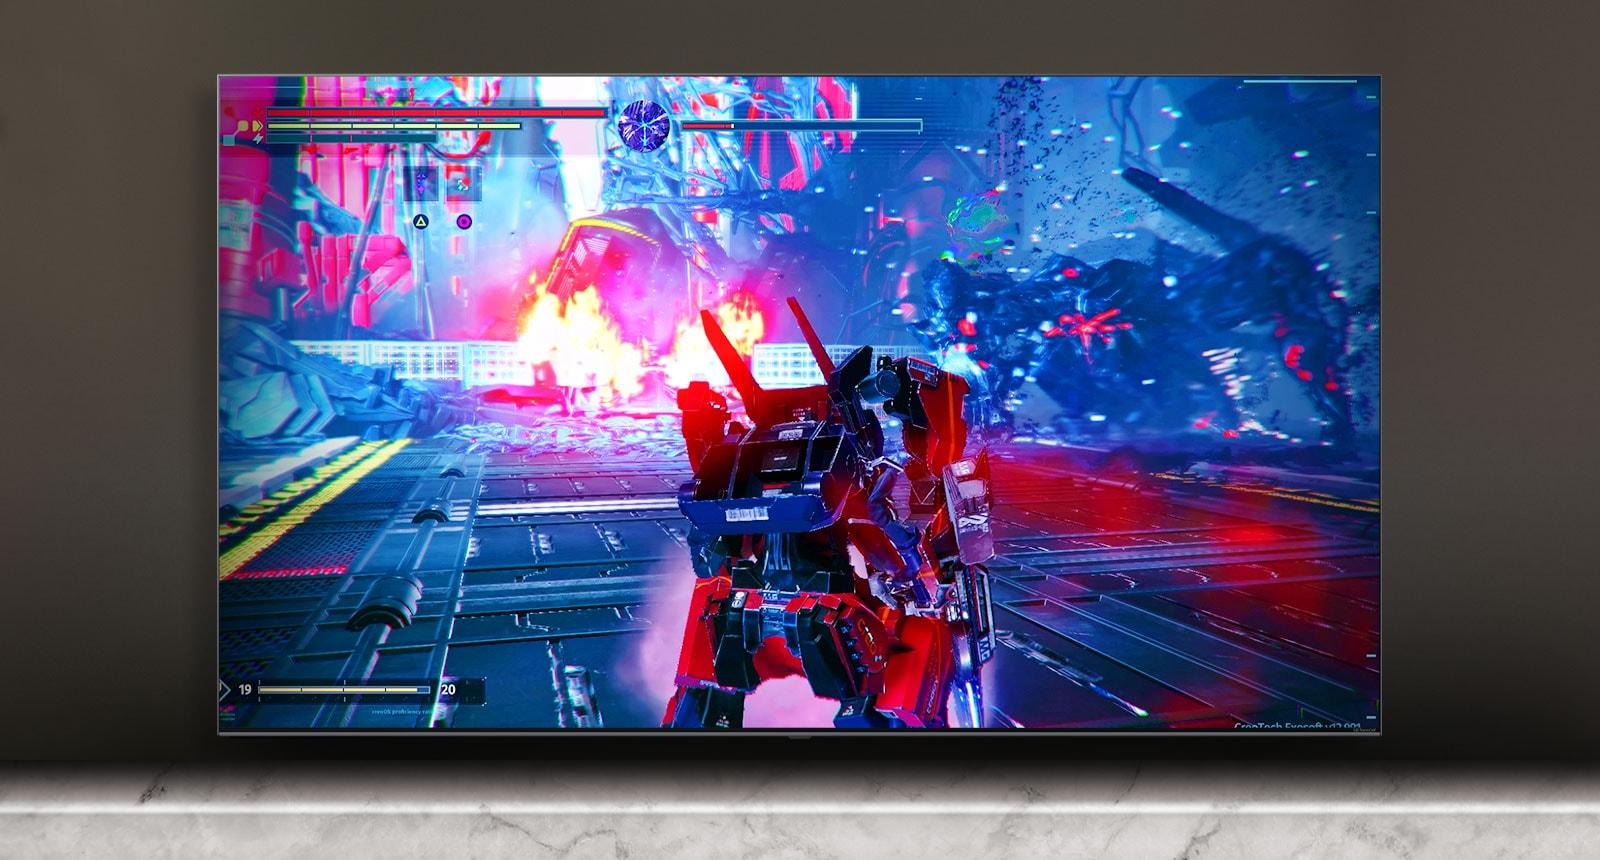 На телеэкране показана батальная сцена из игры.